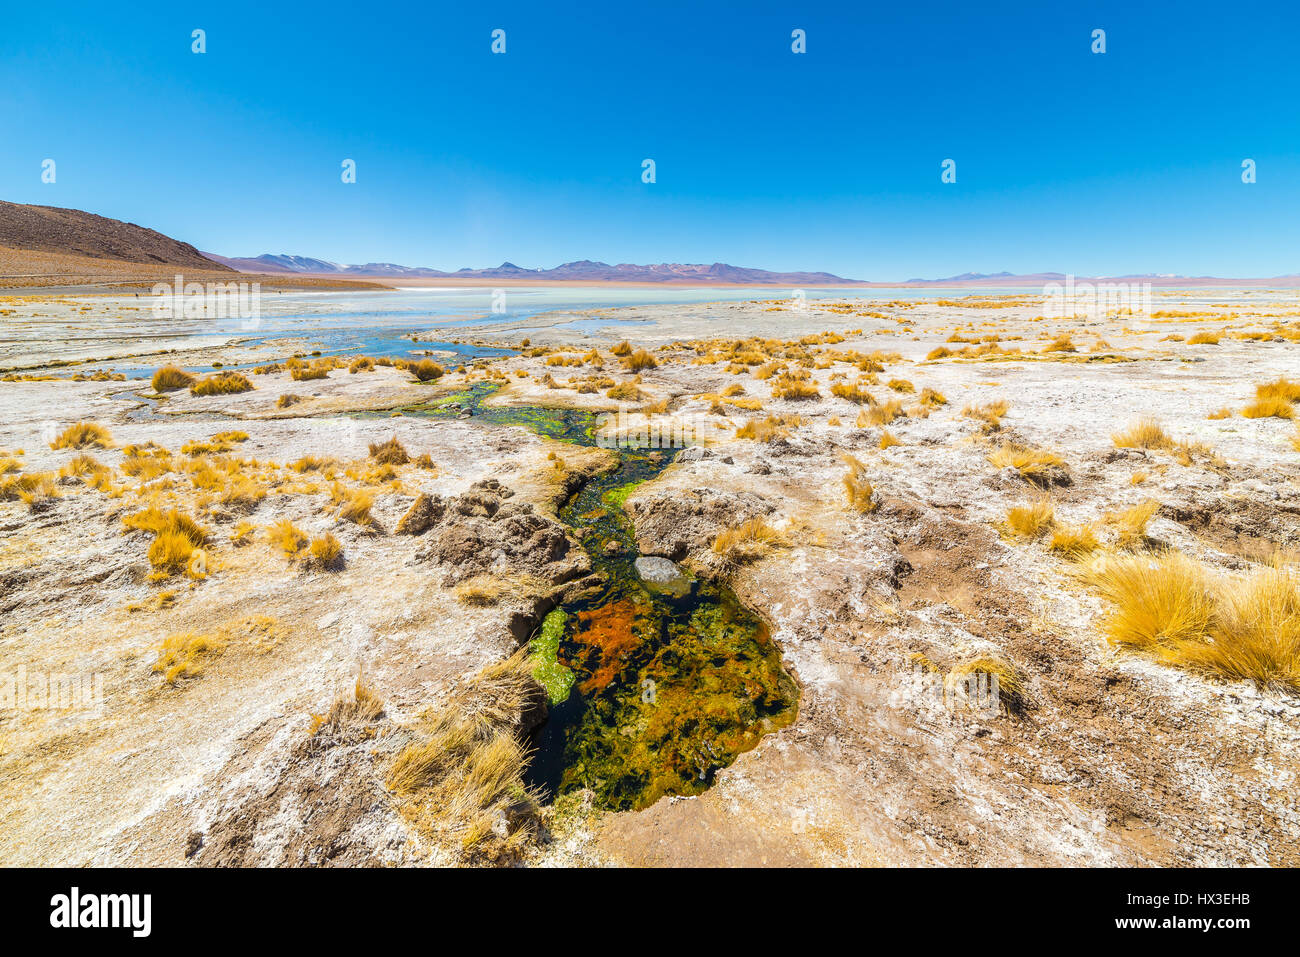 Bunte Sprudel mit Ablagerungen von Mineralien und Algen auf das Hochland der Anden, Bolivien. Salz-See, Gebirge Stockbild